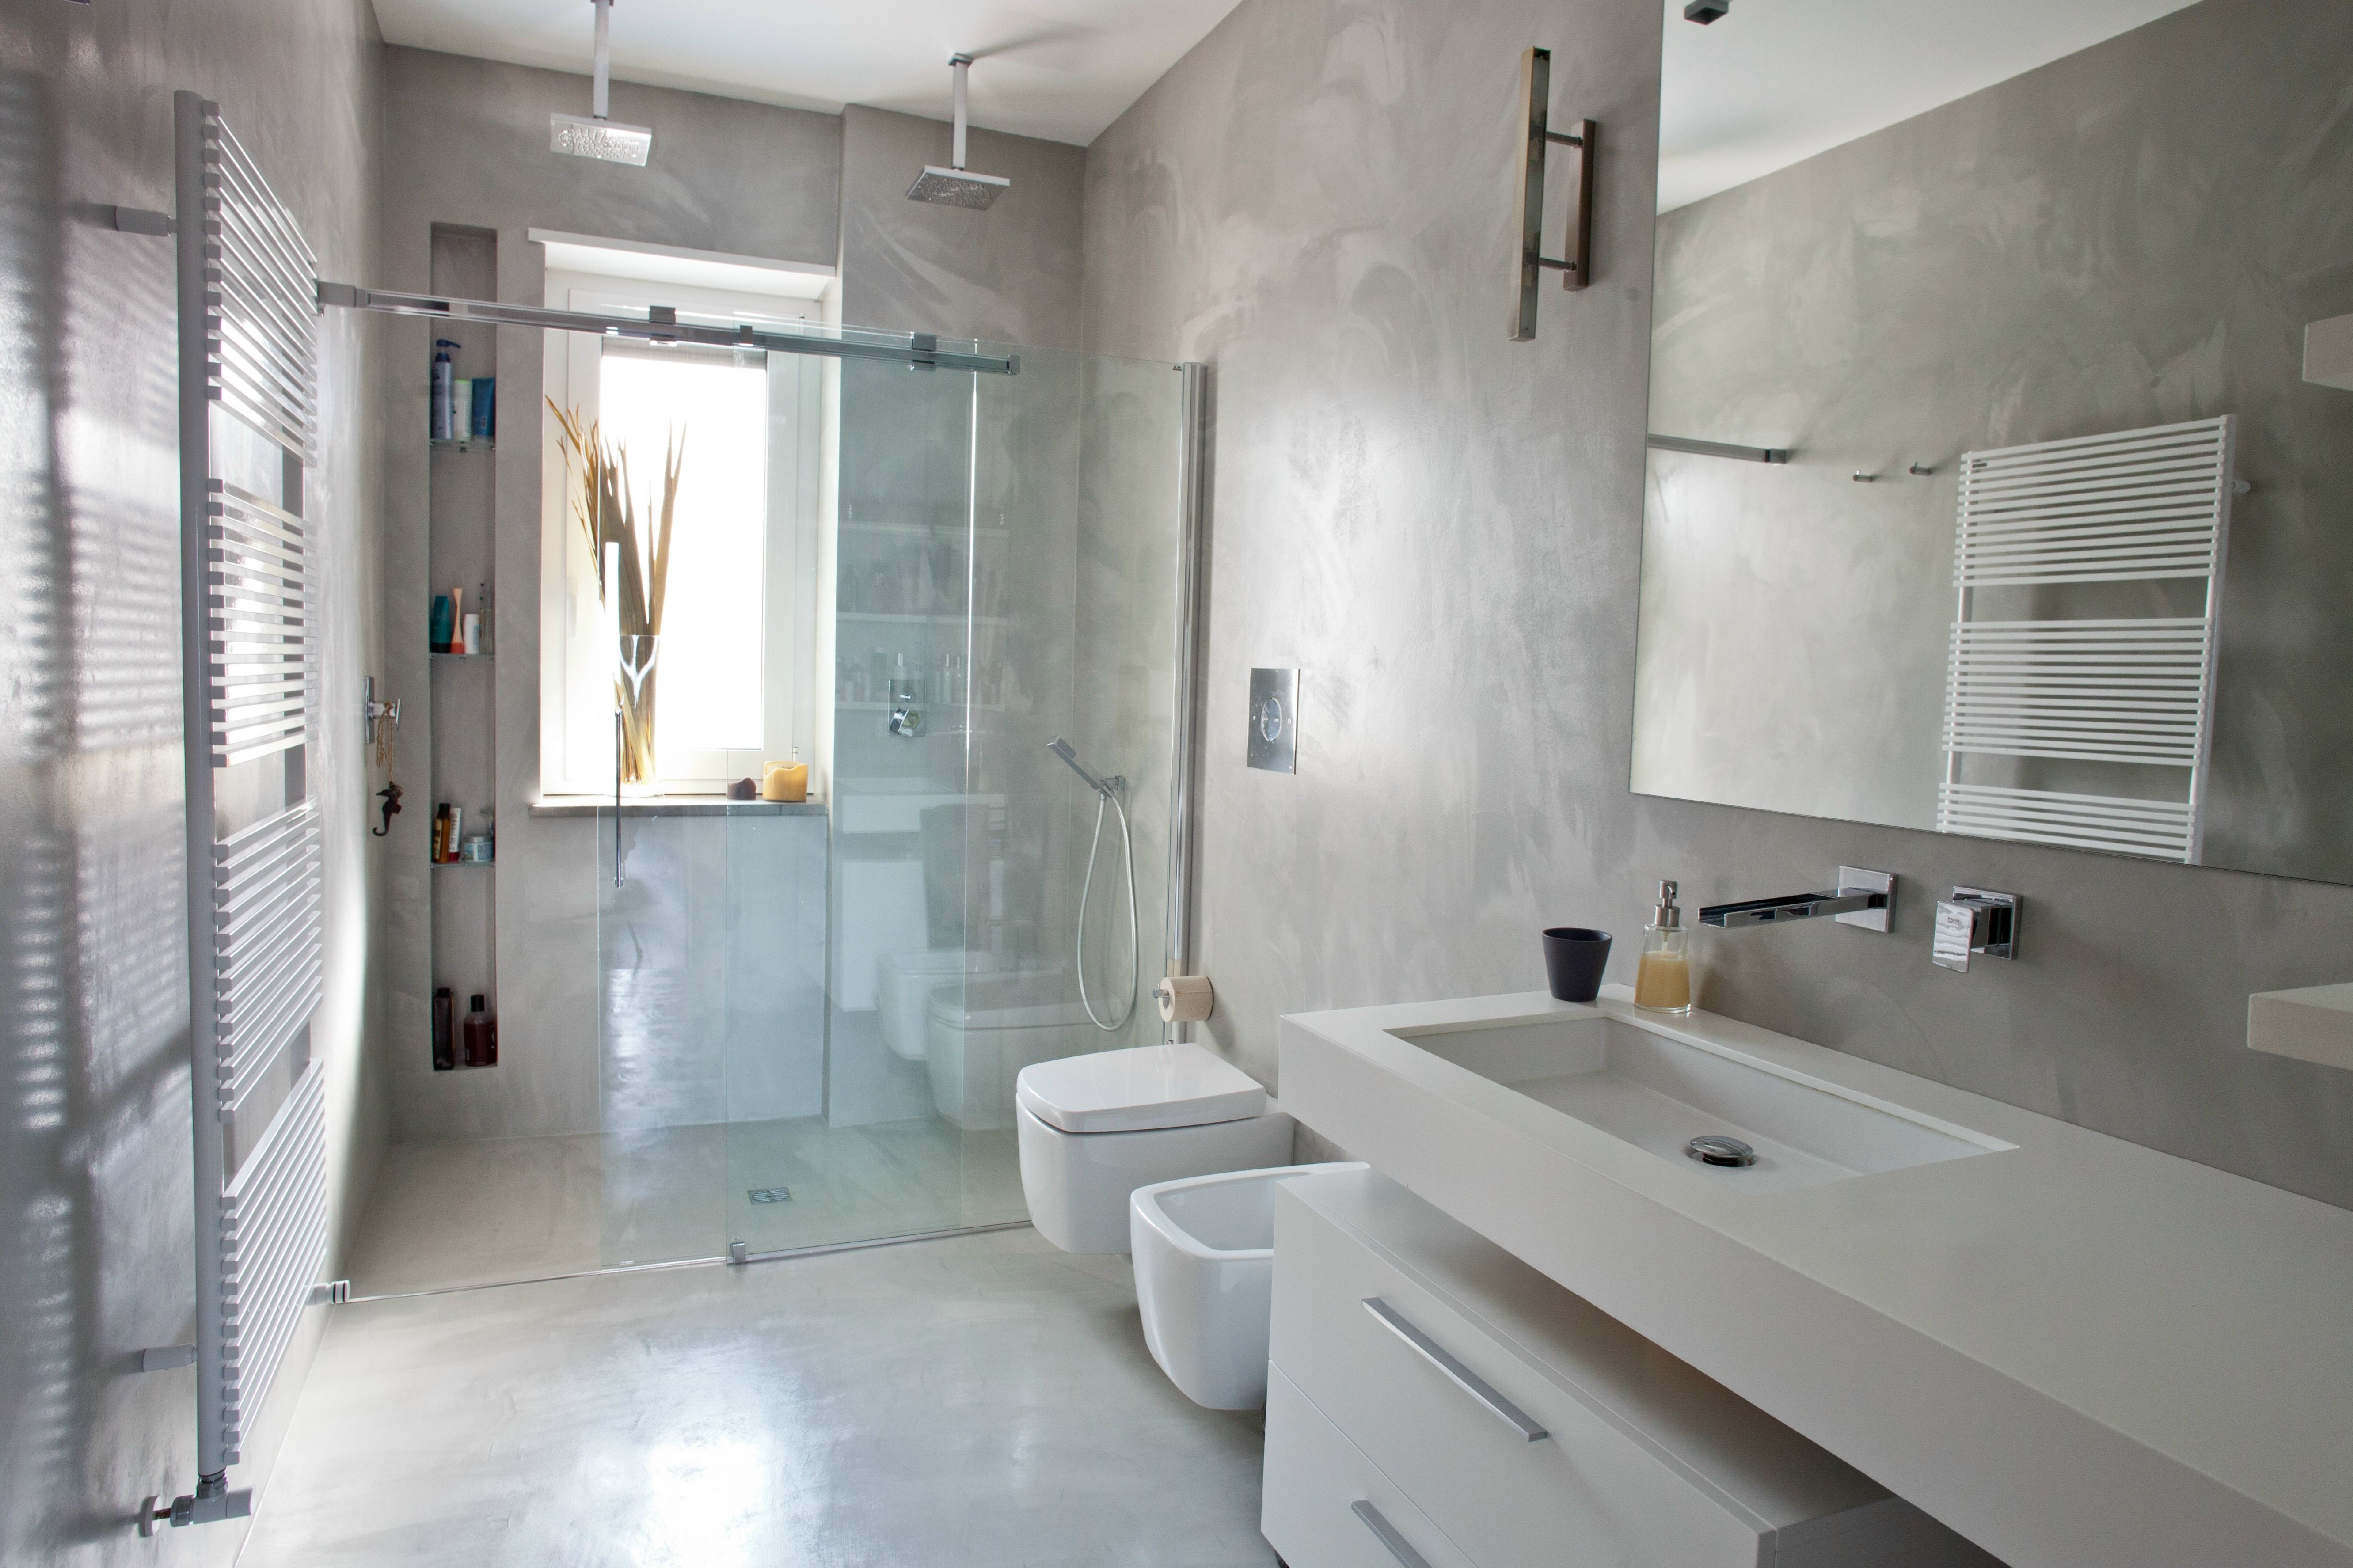 Finestra Bagno ~ Bagno pavimento e pareti in resina home ideas